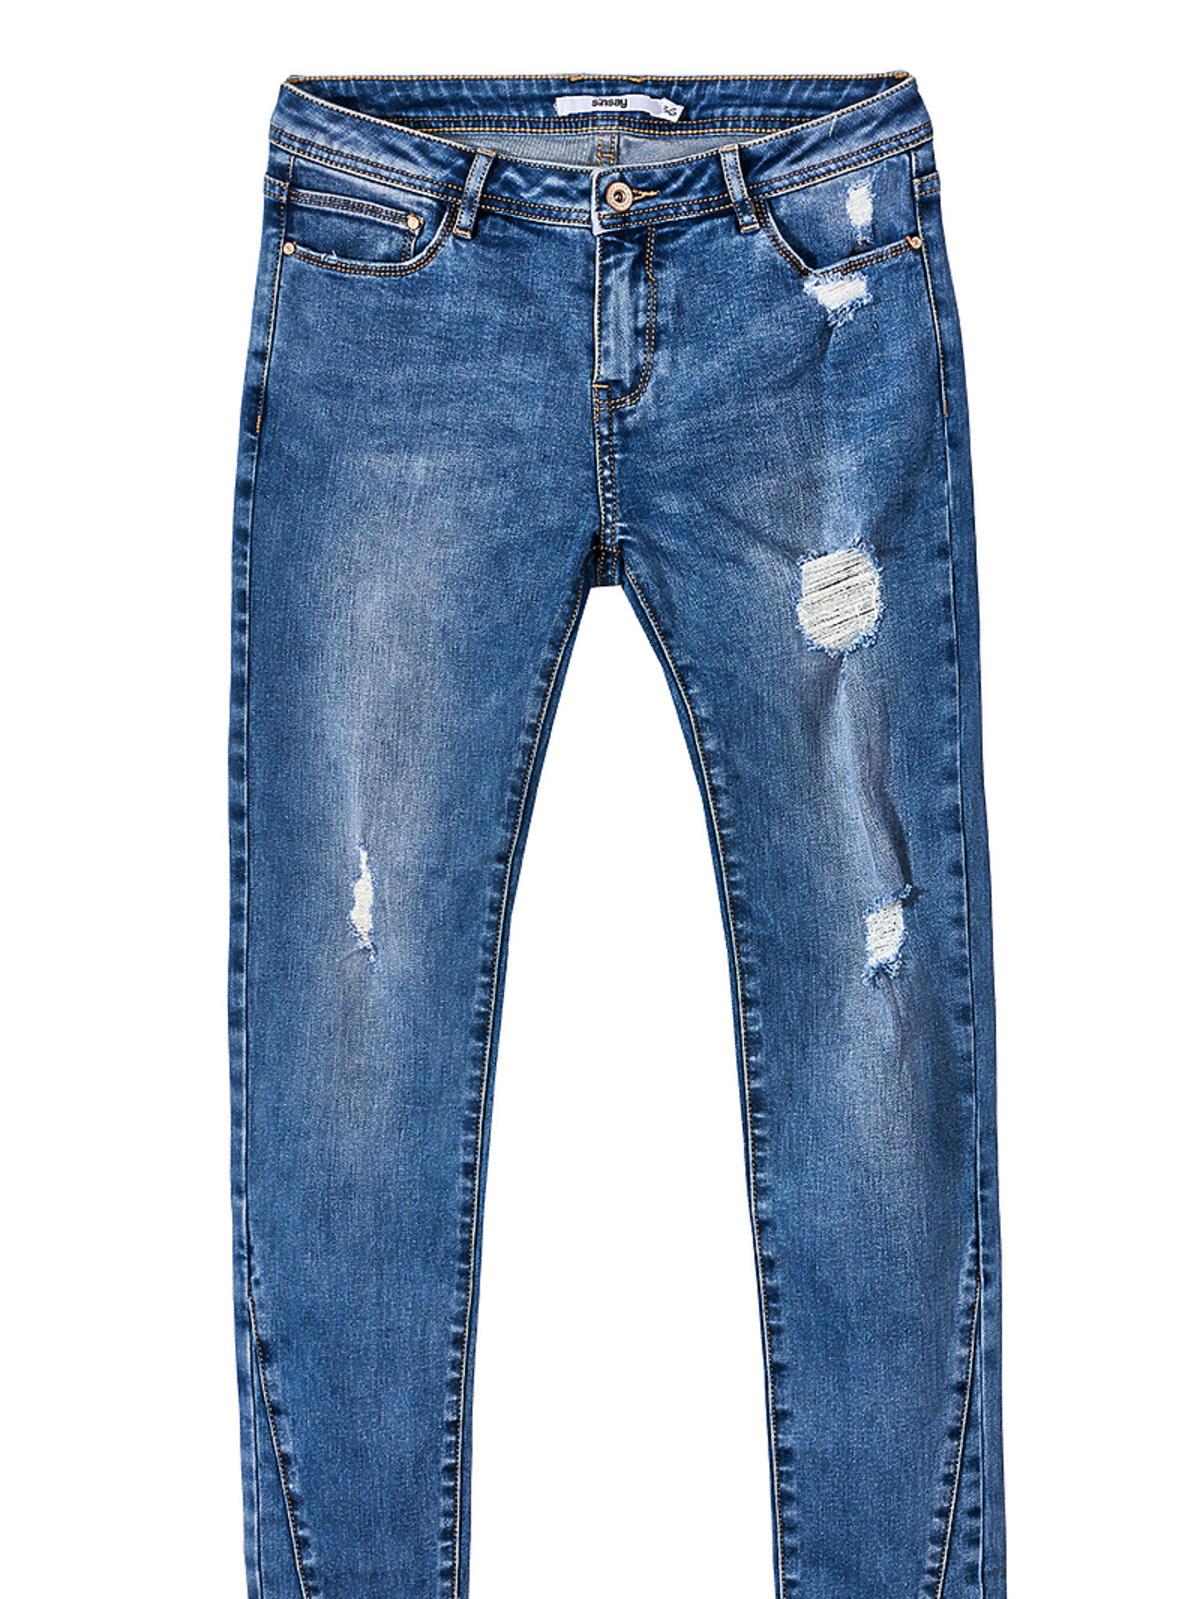 Dżinsy z postrzępionymi nogawkami - Sinsa,y 79,99 zł